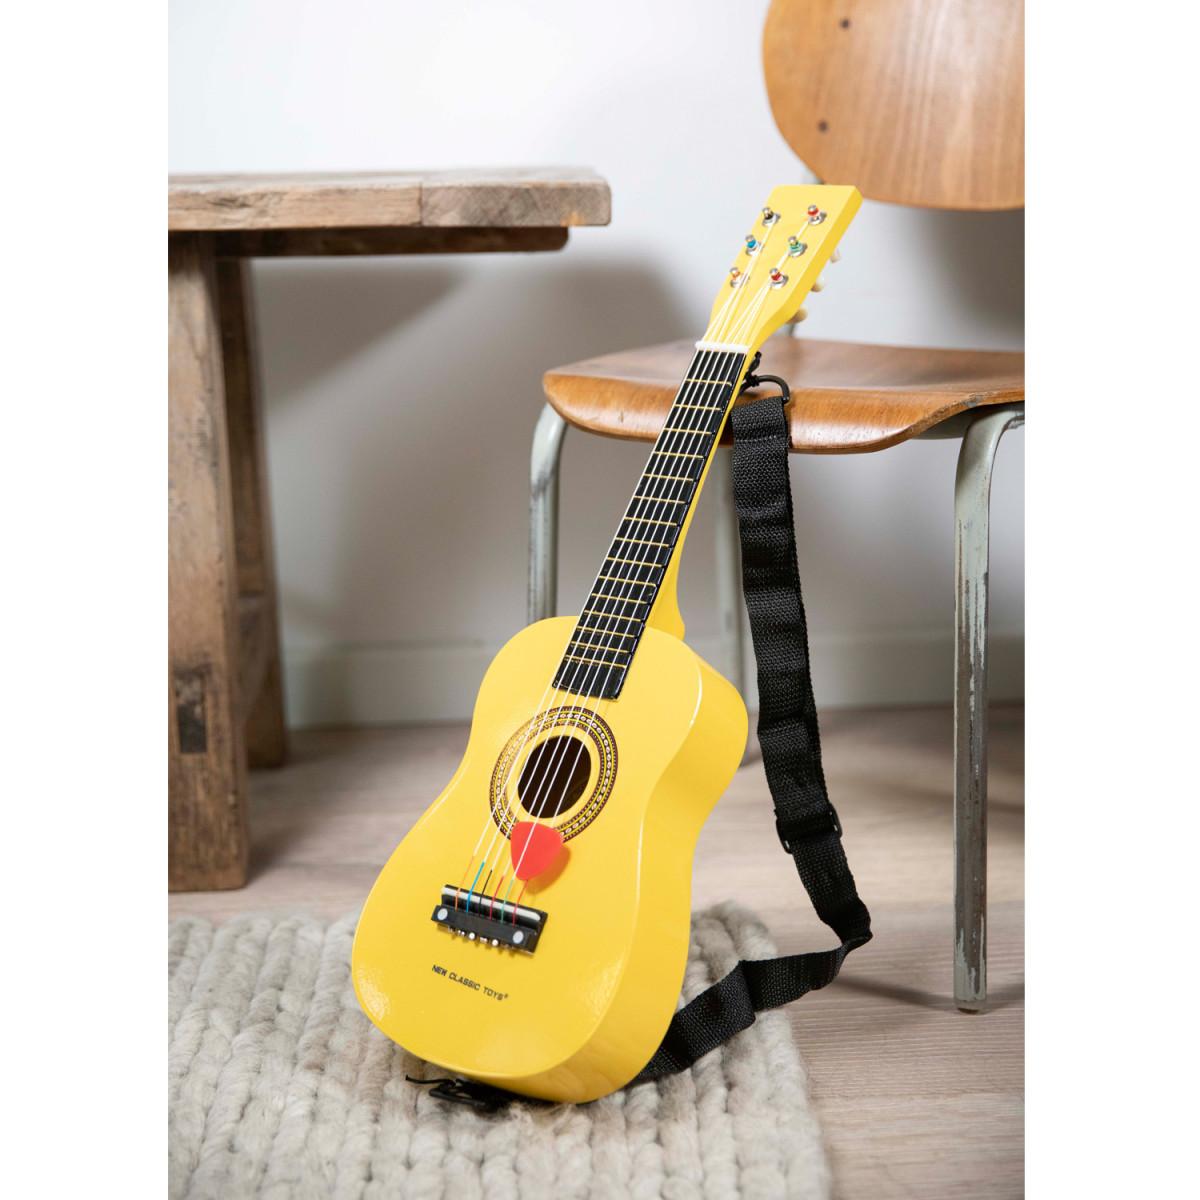 Guitare jouet jaune